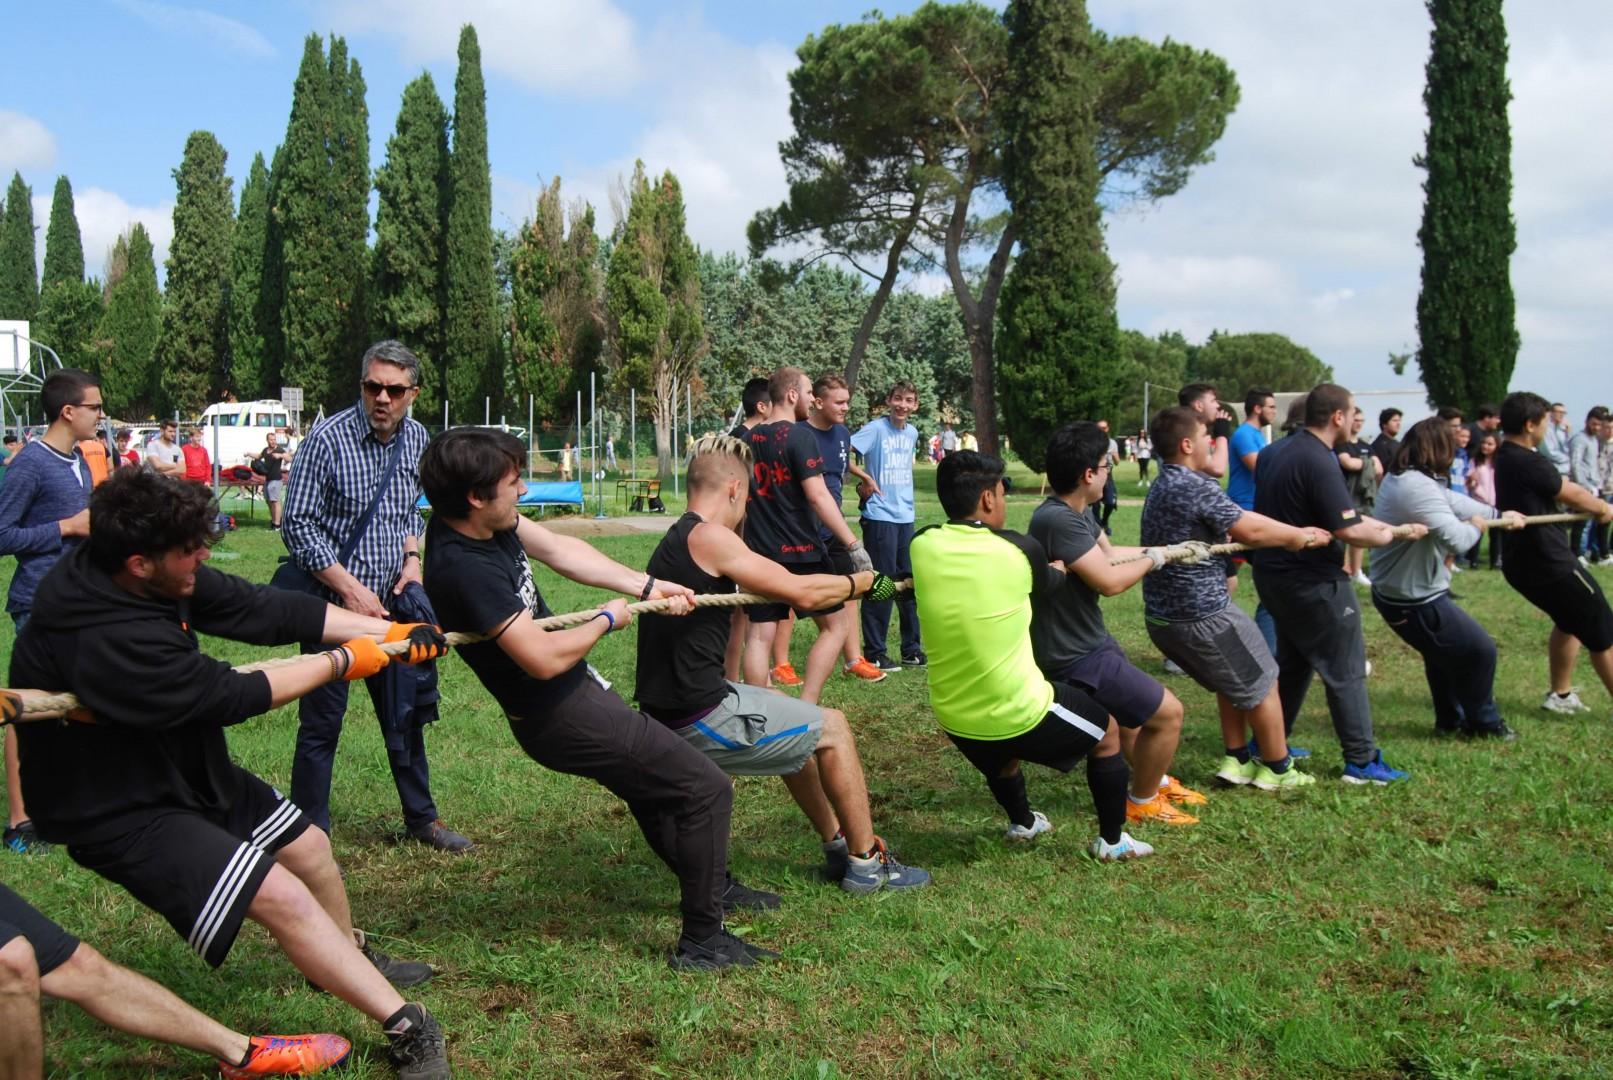 """Ritorna con successo la Giornata dello Sport all' """"I.S.I.S. A. Vegni"""" -  tutte le foto"""